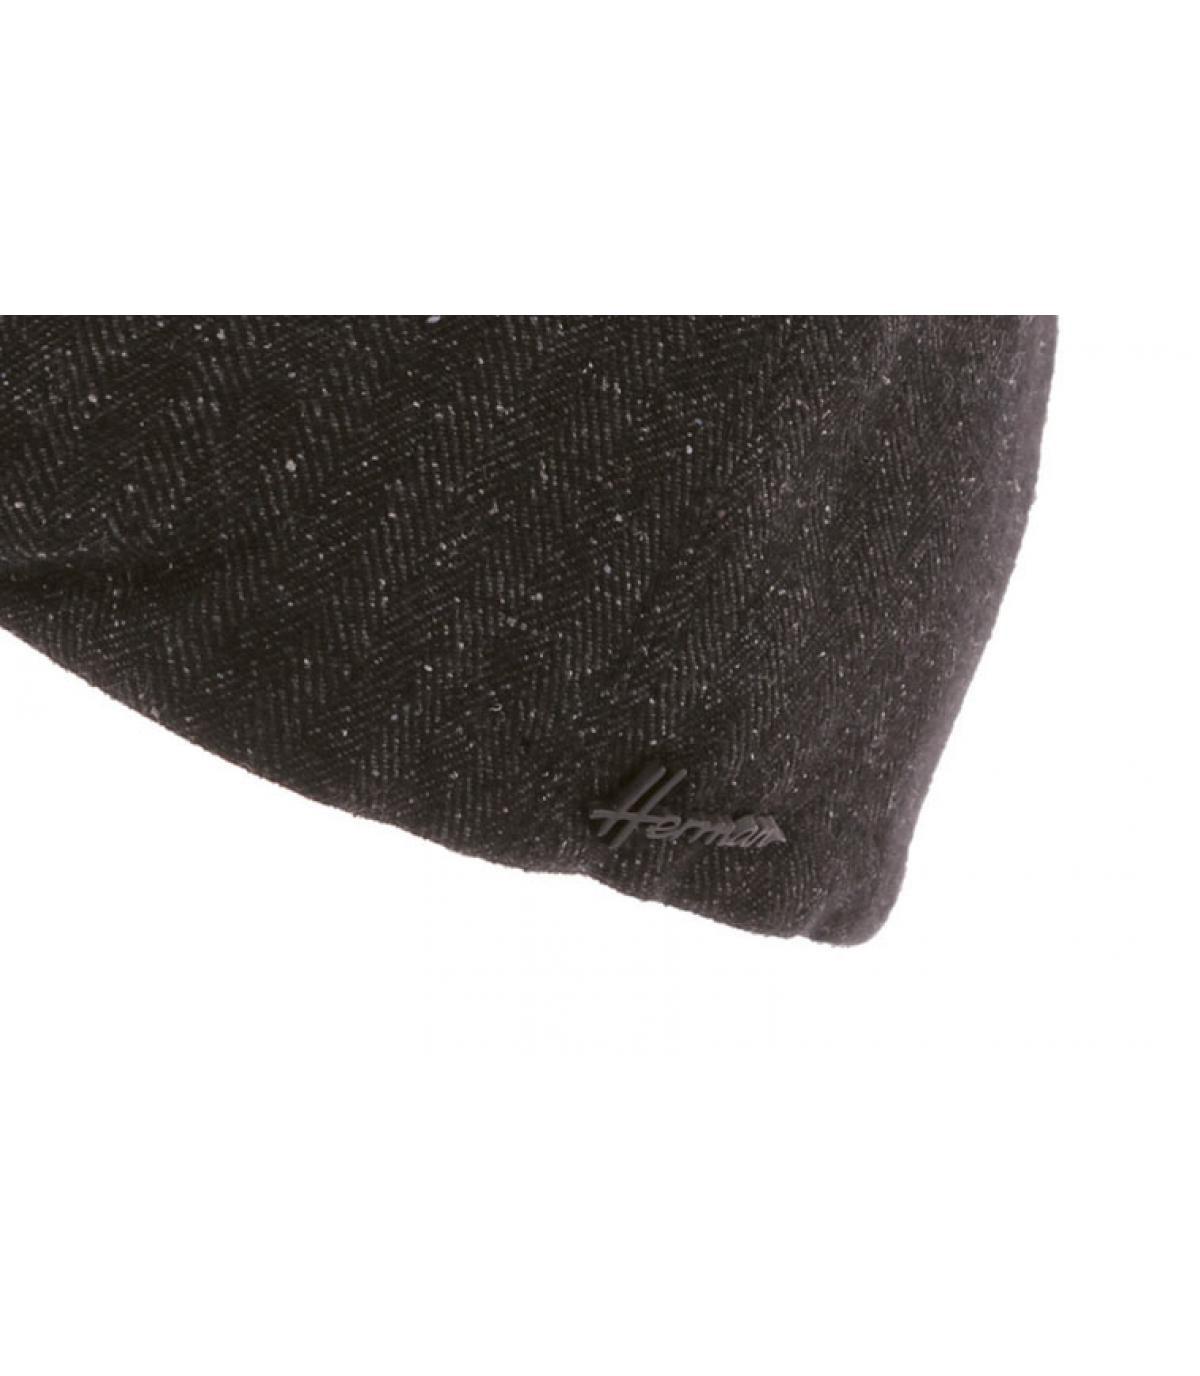 Details Vinson black - Abbildung 3